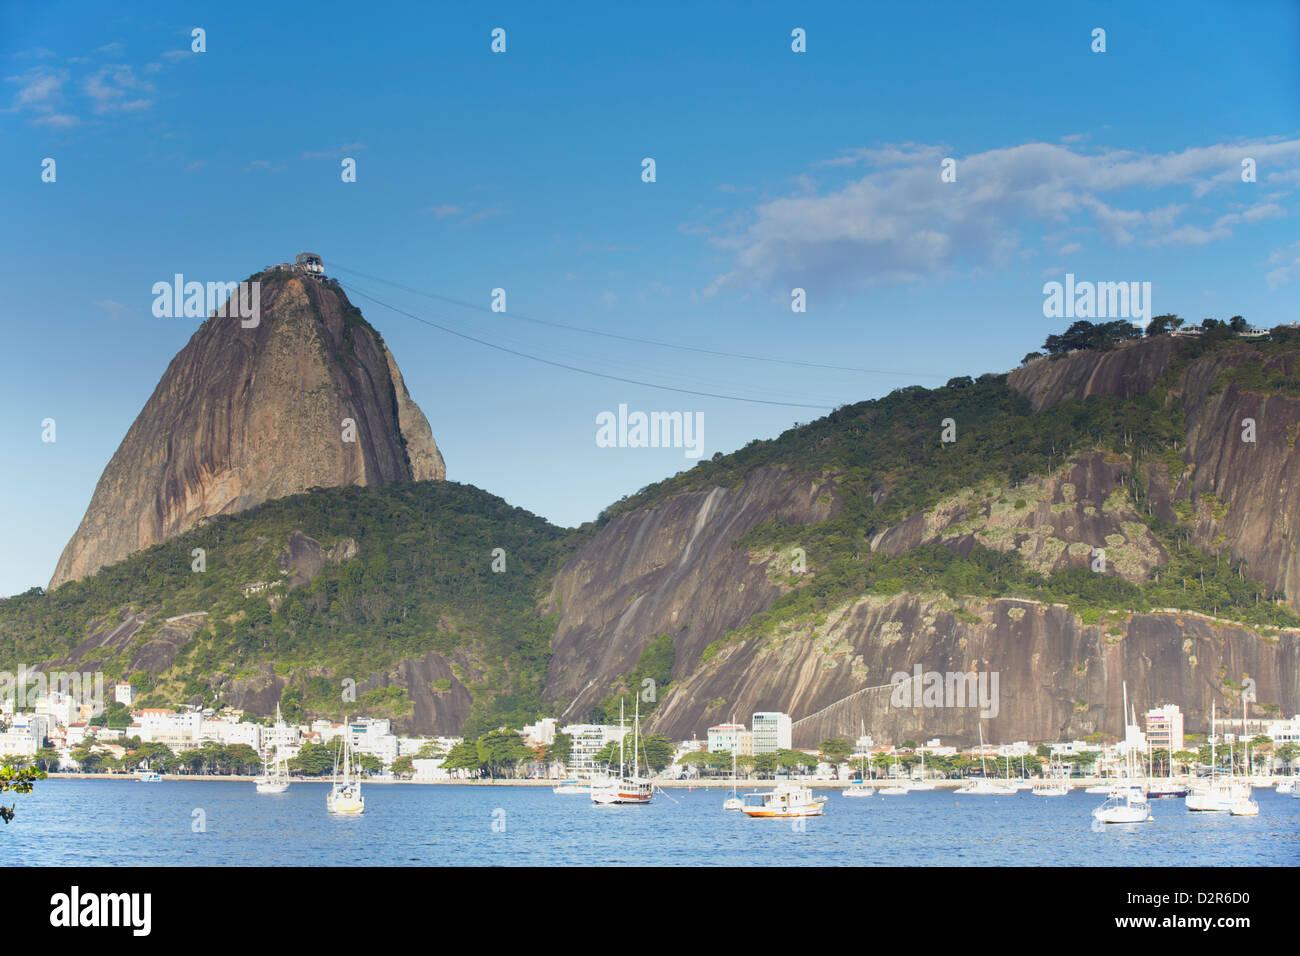 Botafogo Bay and Sugar Loaf Mountain (Pao de Acucar), Rio de Janeiro, Brazil, South America Stock Photo